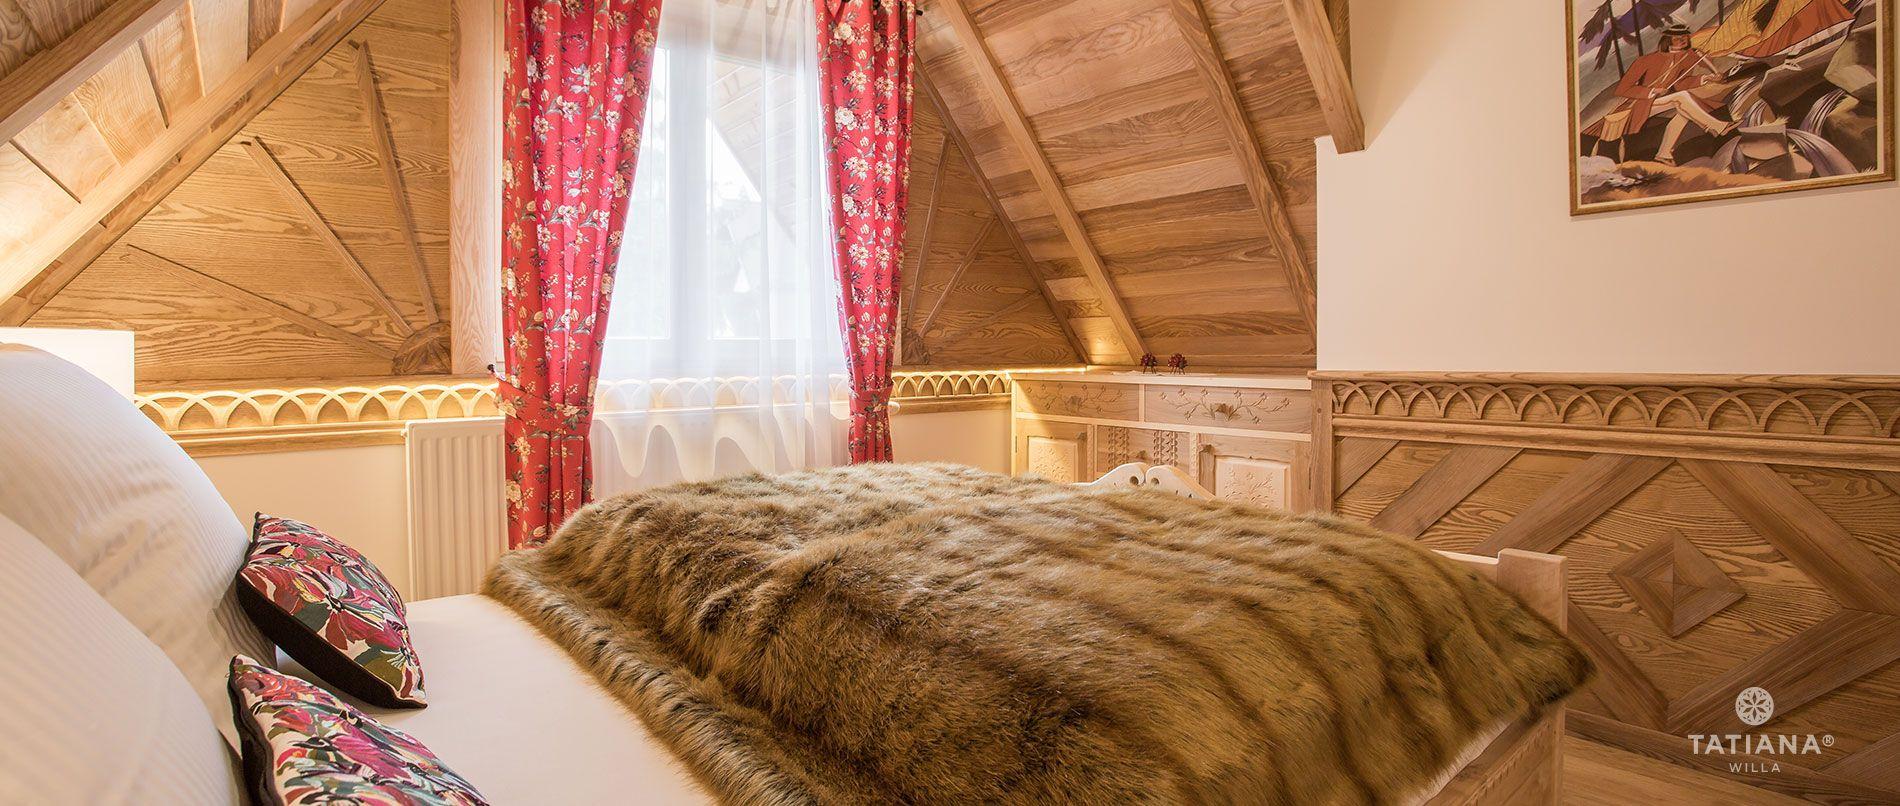 Apartament Tatrzański - sypialnia